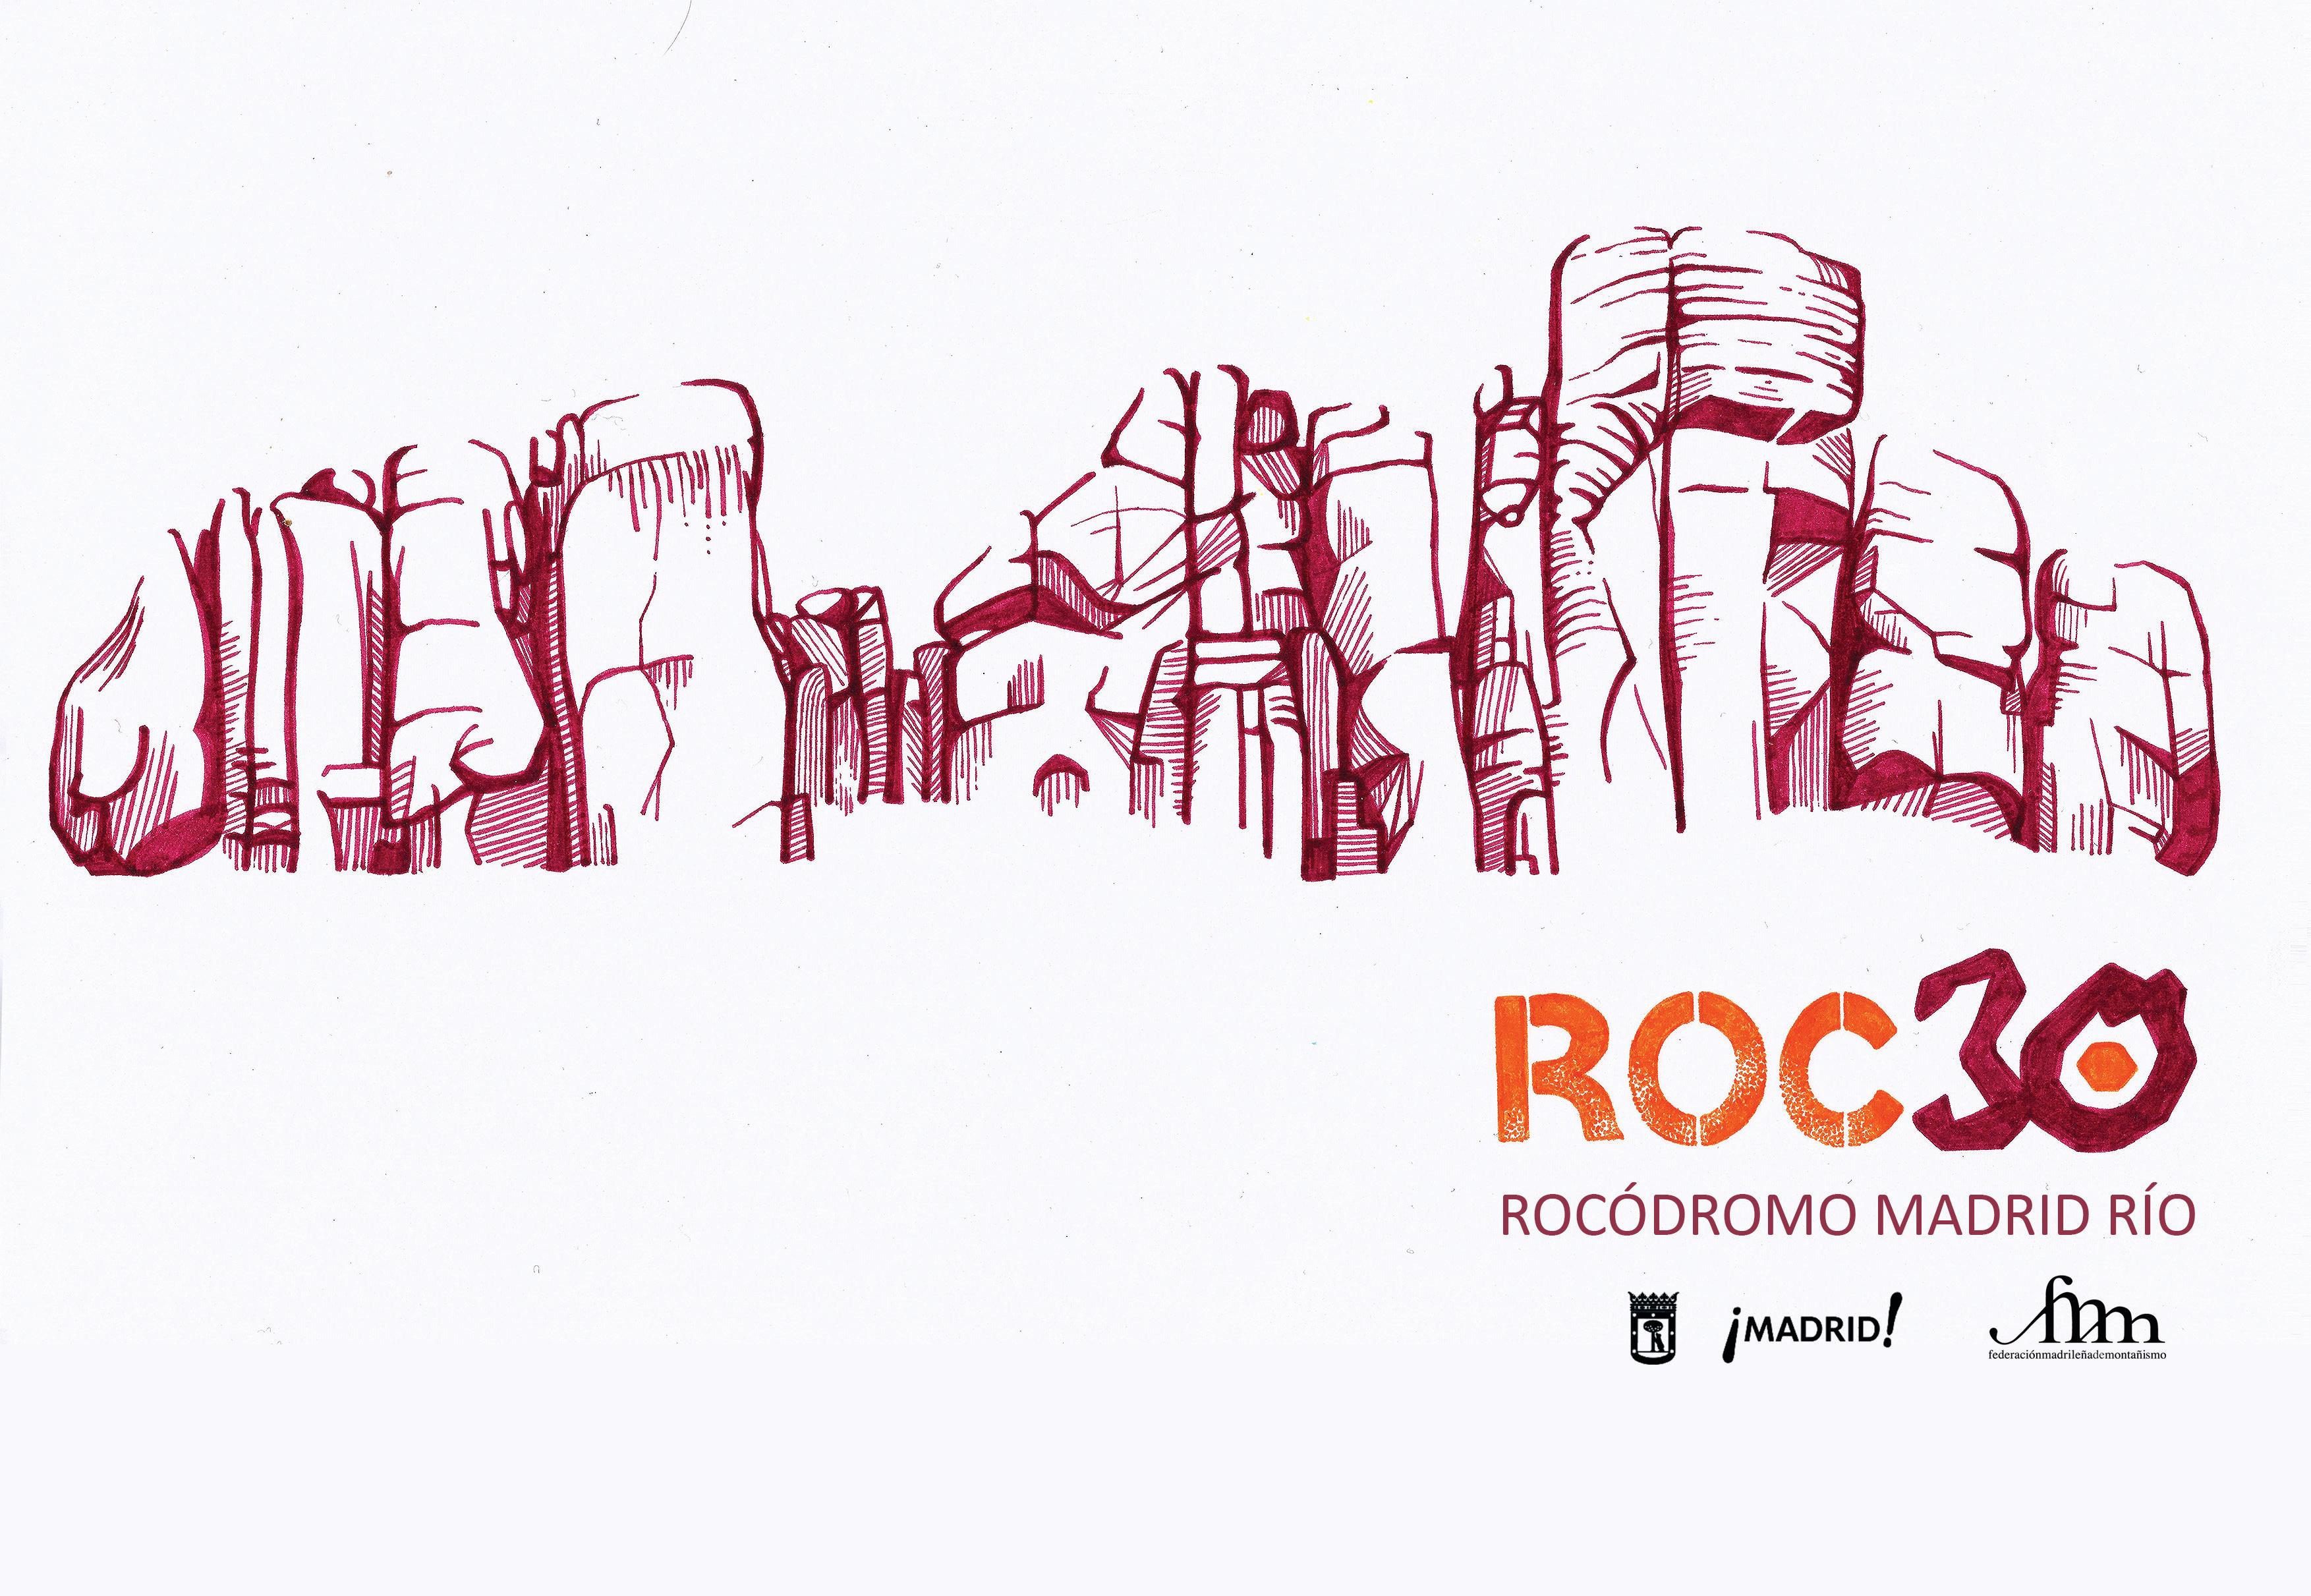 Camiseta ROC30